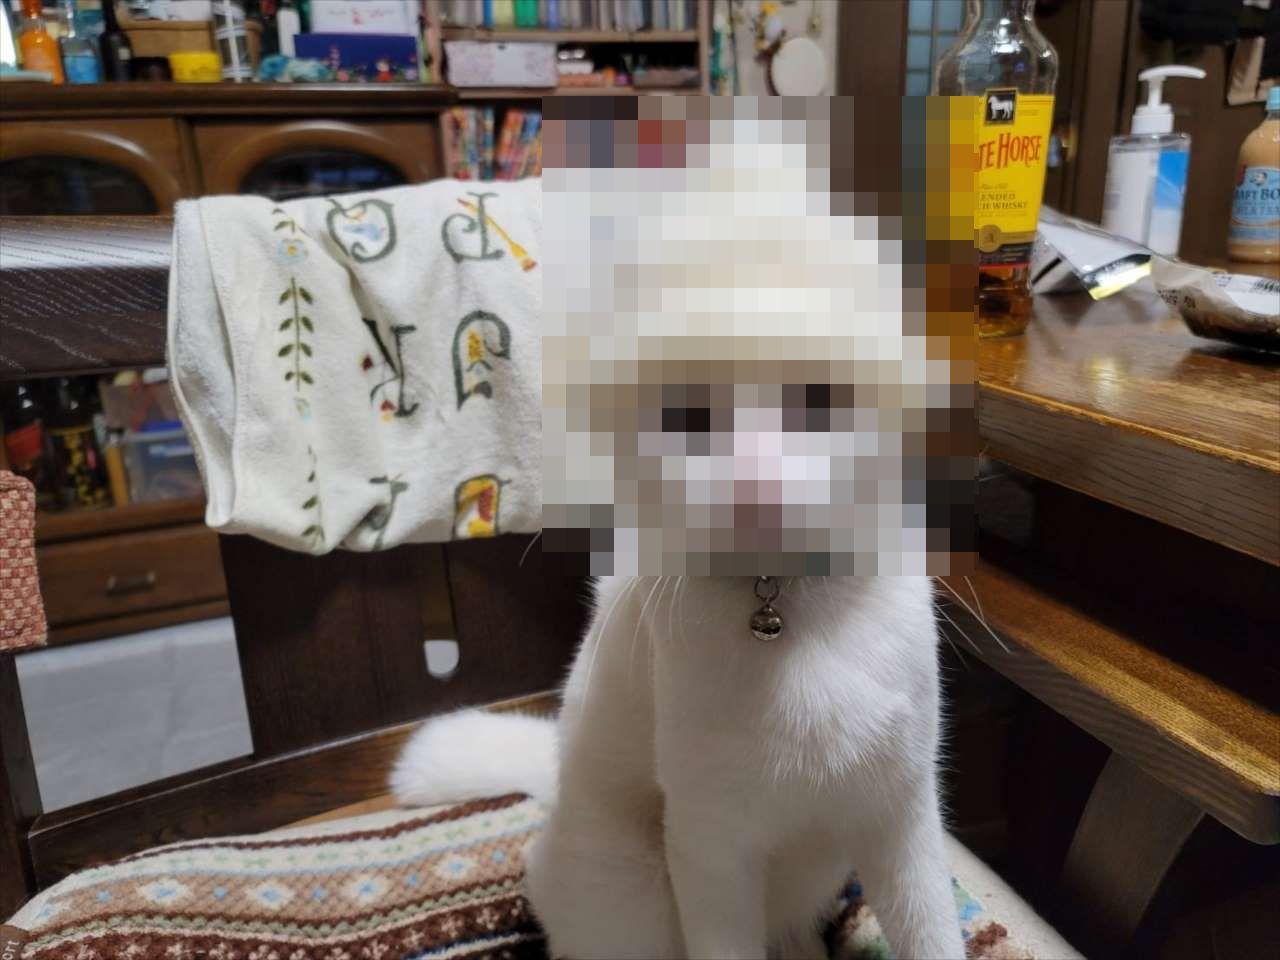 「孫に帽子編んだけど小さすぎた」とコメントを添え、送られてきた写真が面白すぎた(笑)